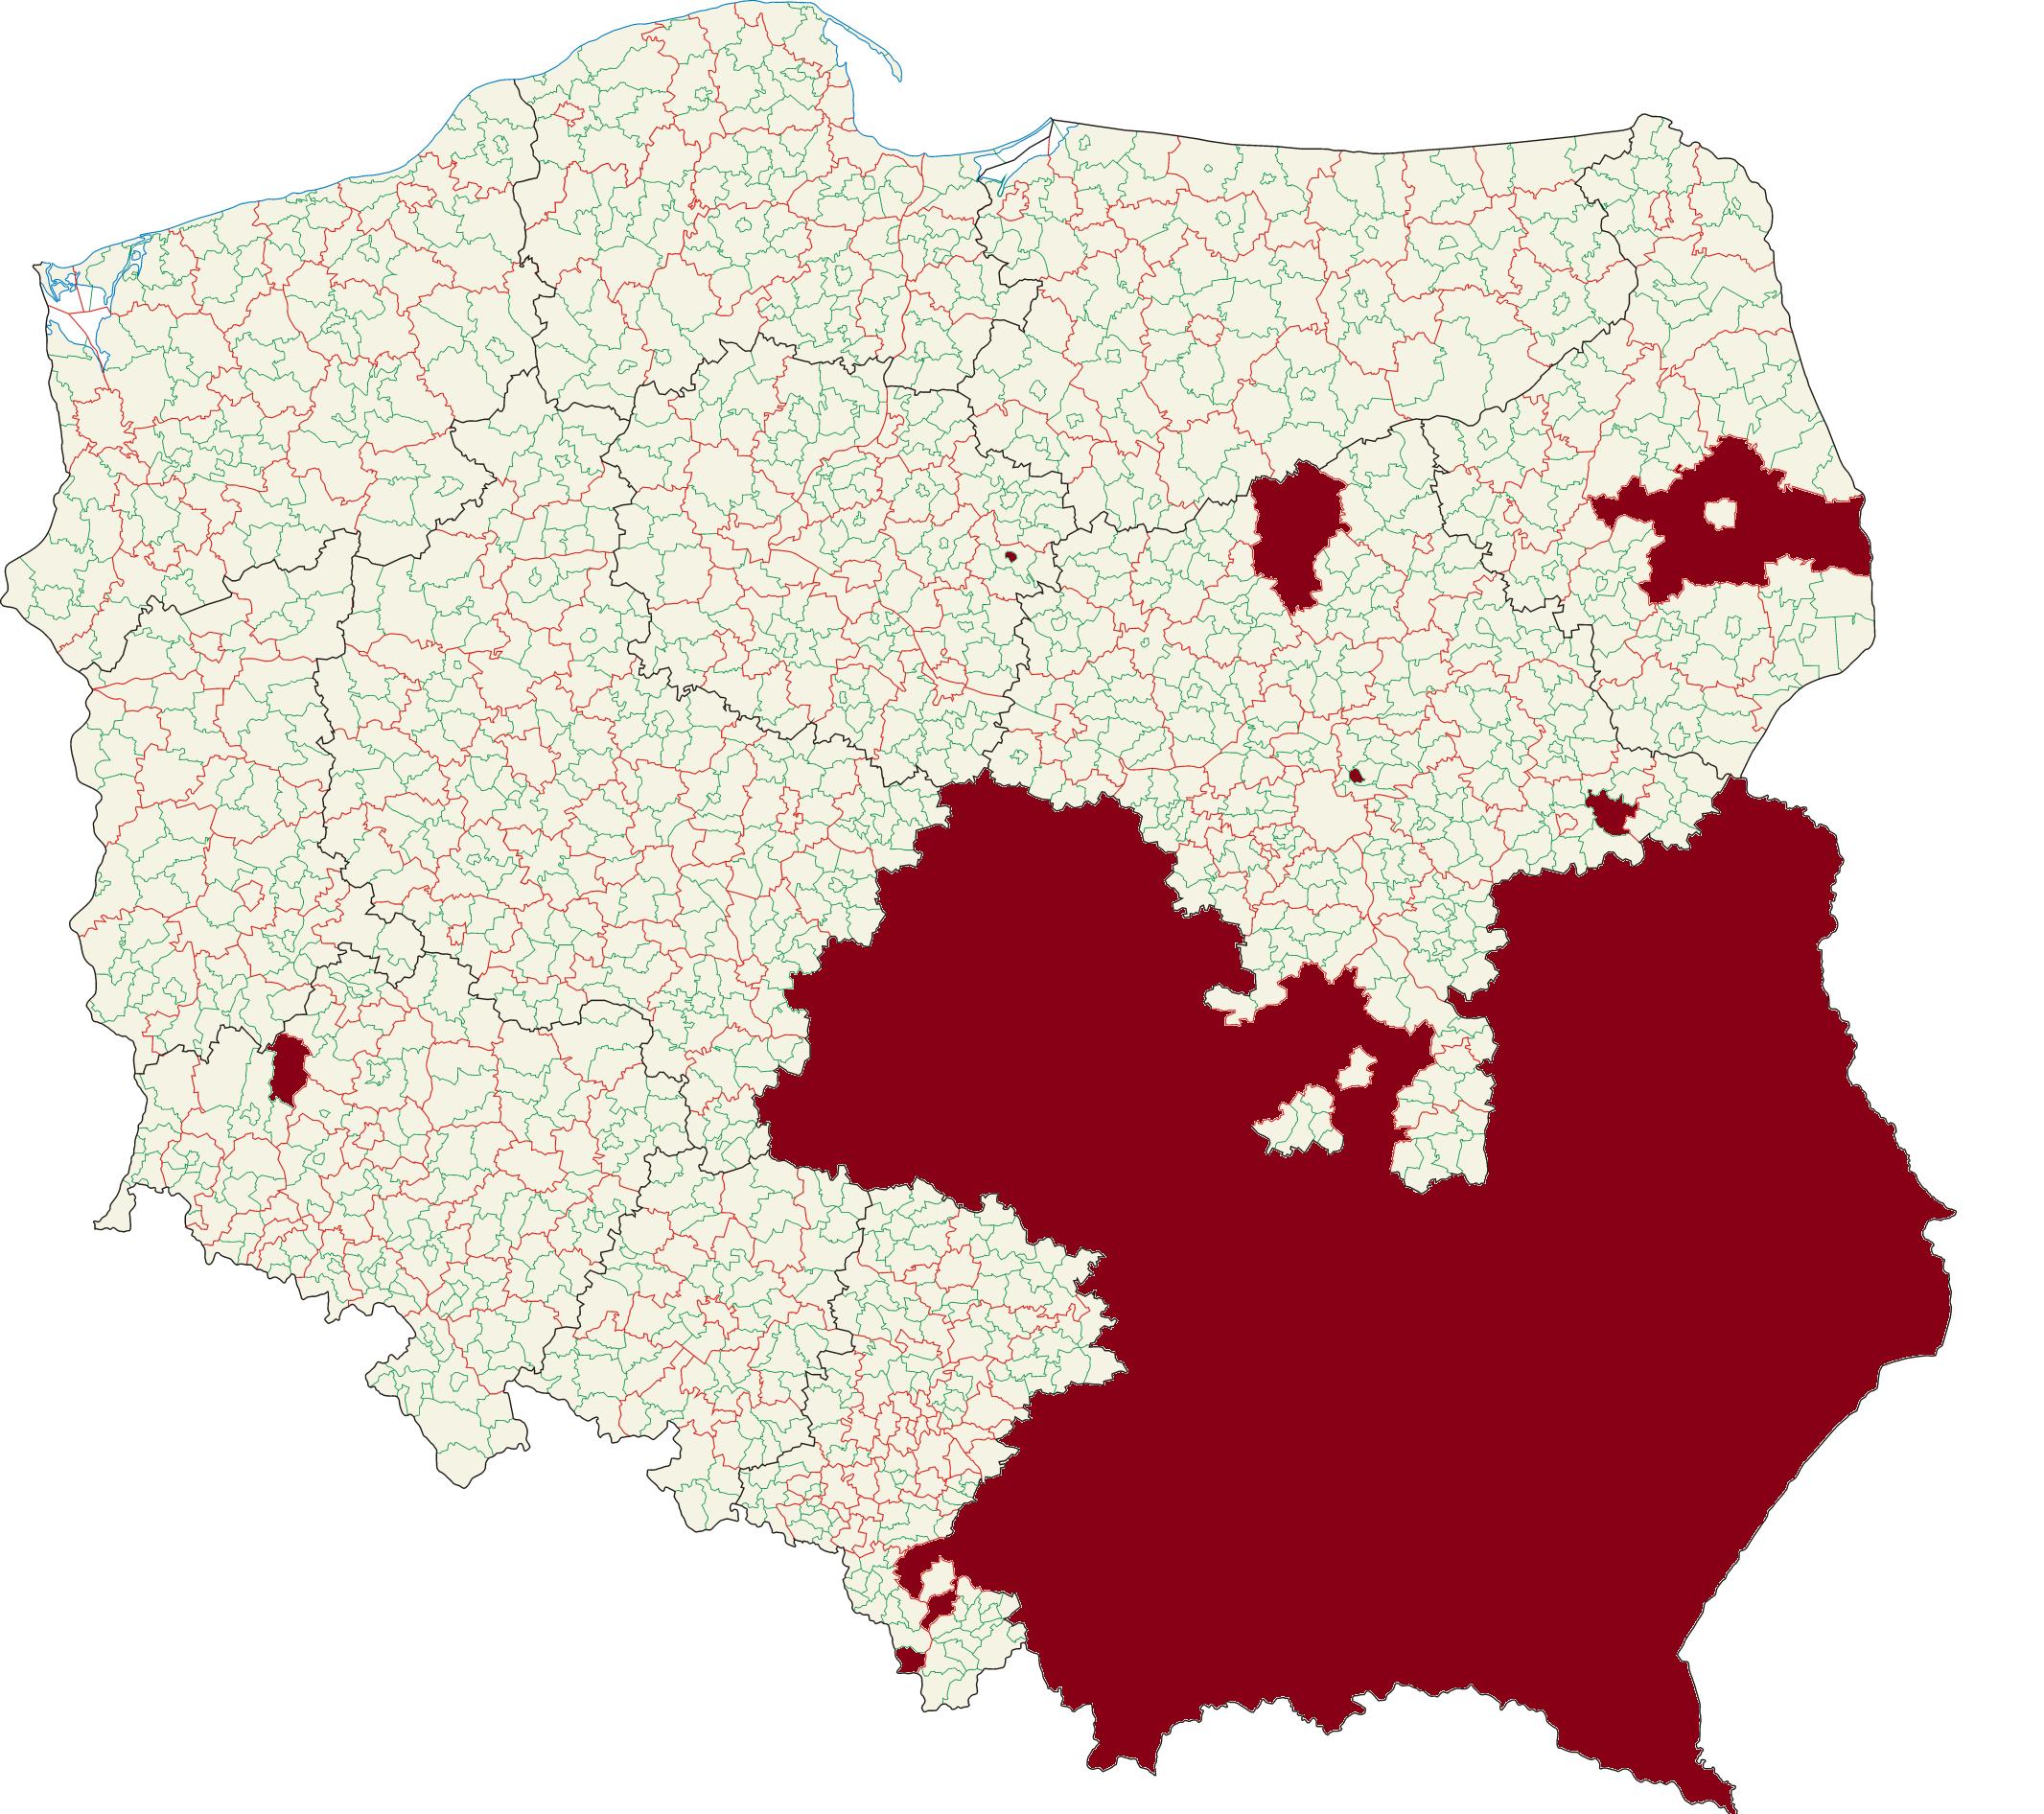 Les personnes LGBTQ fuient la Pologne